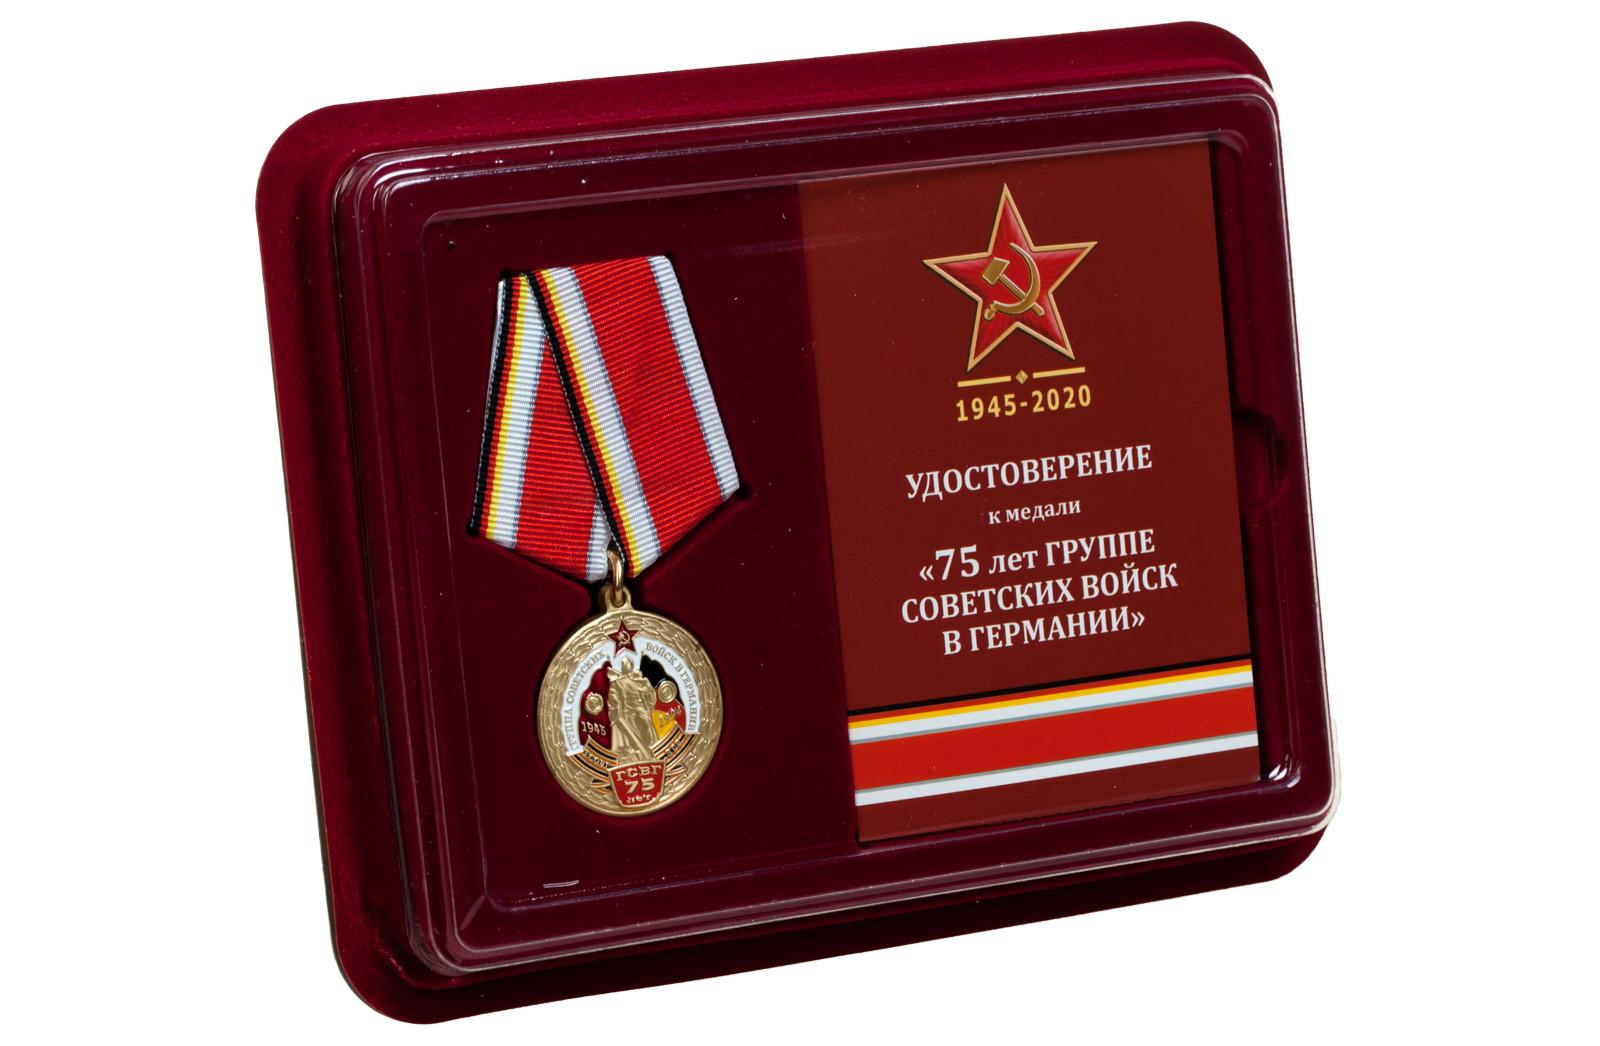 Купить памятную медаль 75 лет ГСВГ с доставкой или самовывозом